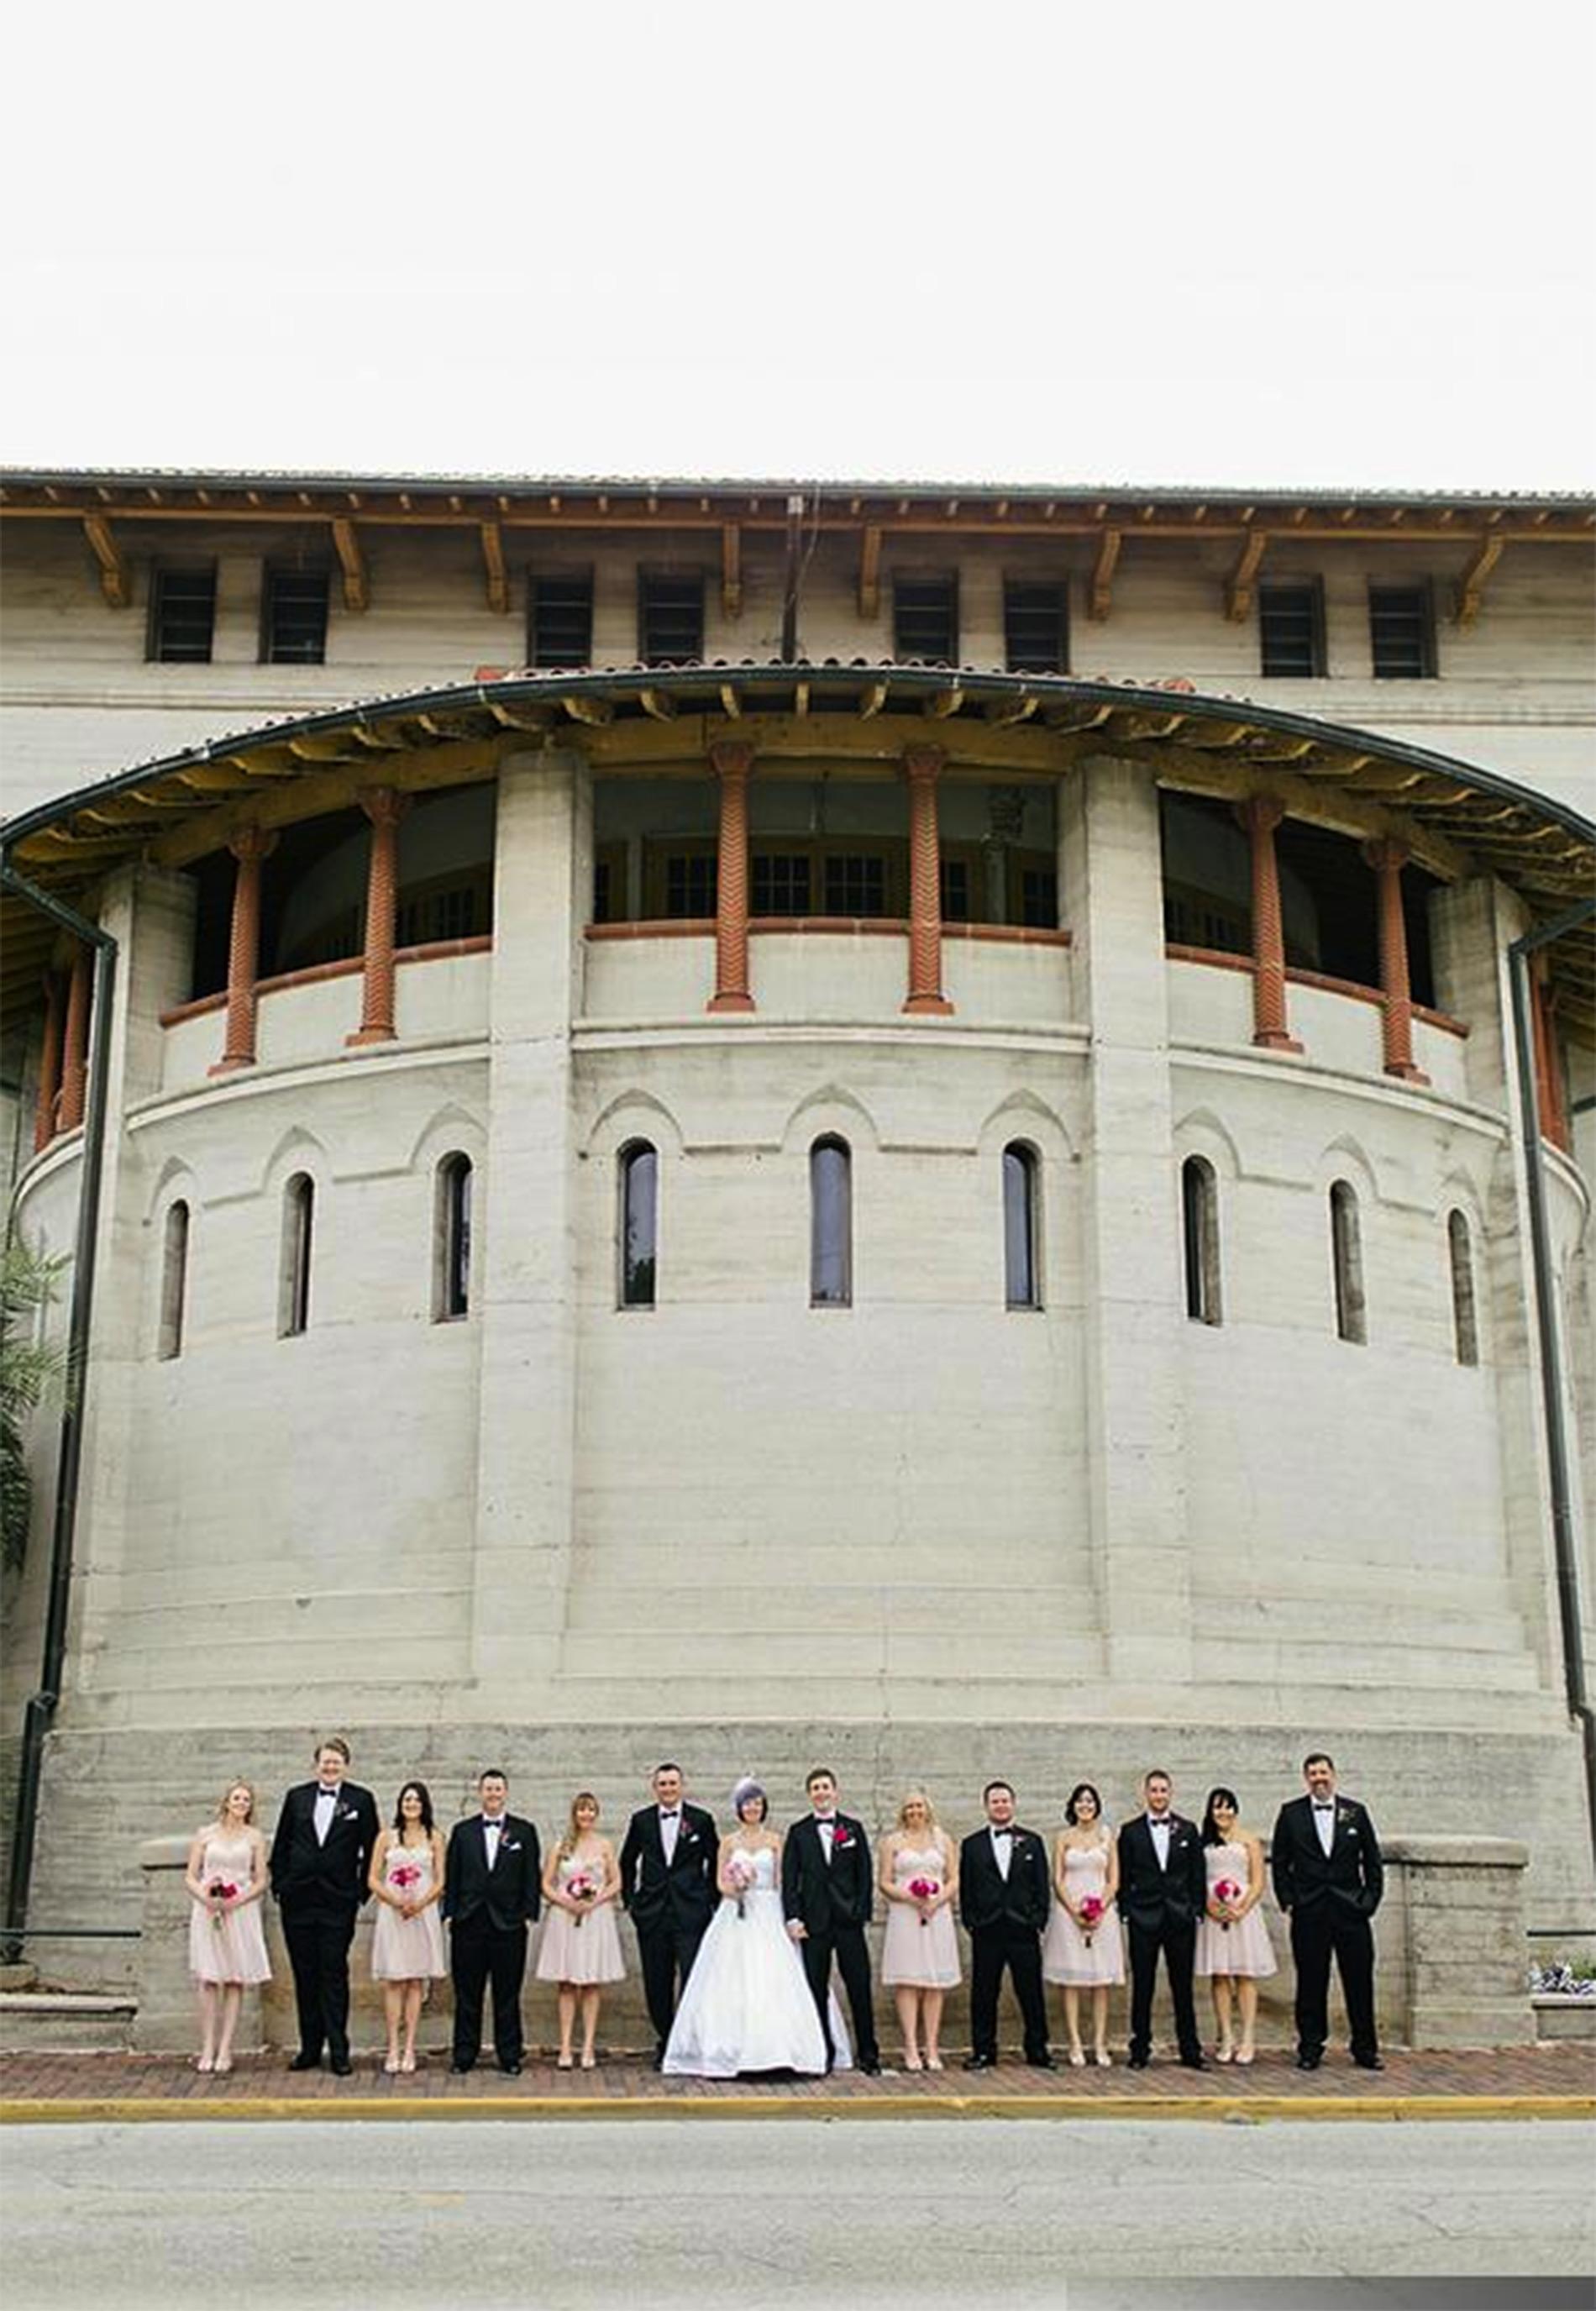 st-augustine-wedding-venue-white-room-lightner-museum